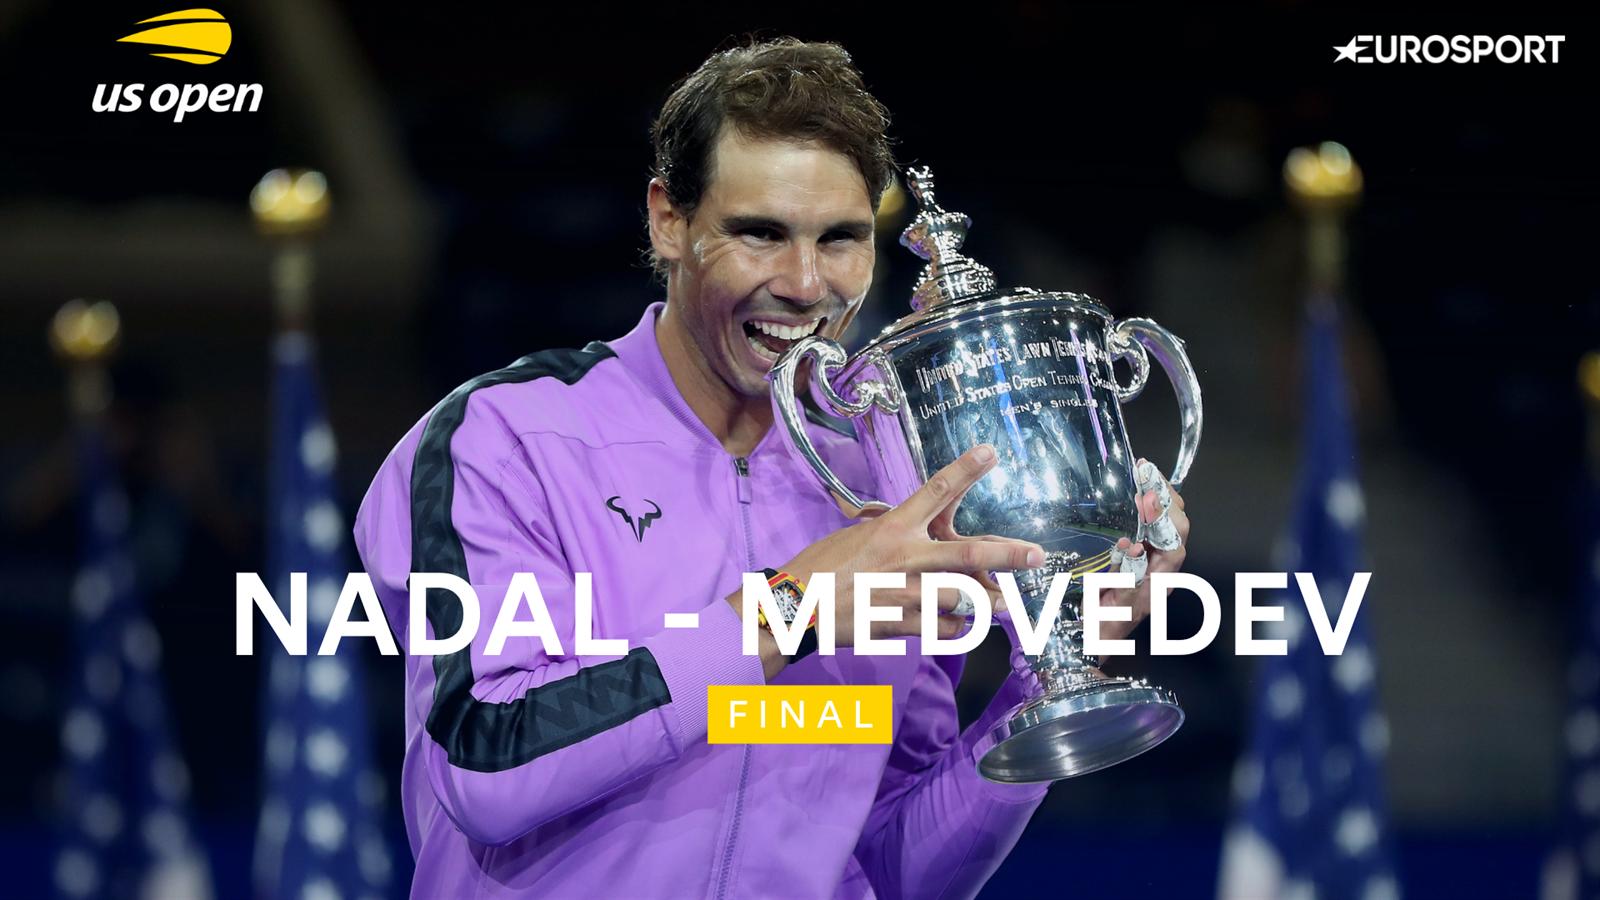 Rafael Nadal wint finale US Open van Medvedev. Bekijk de samenvatting